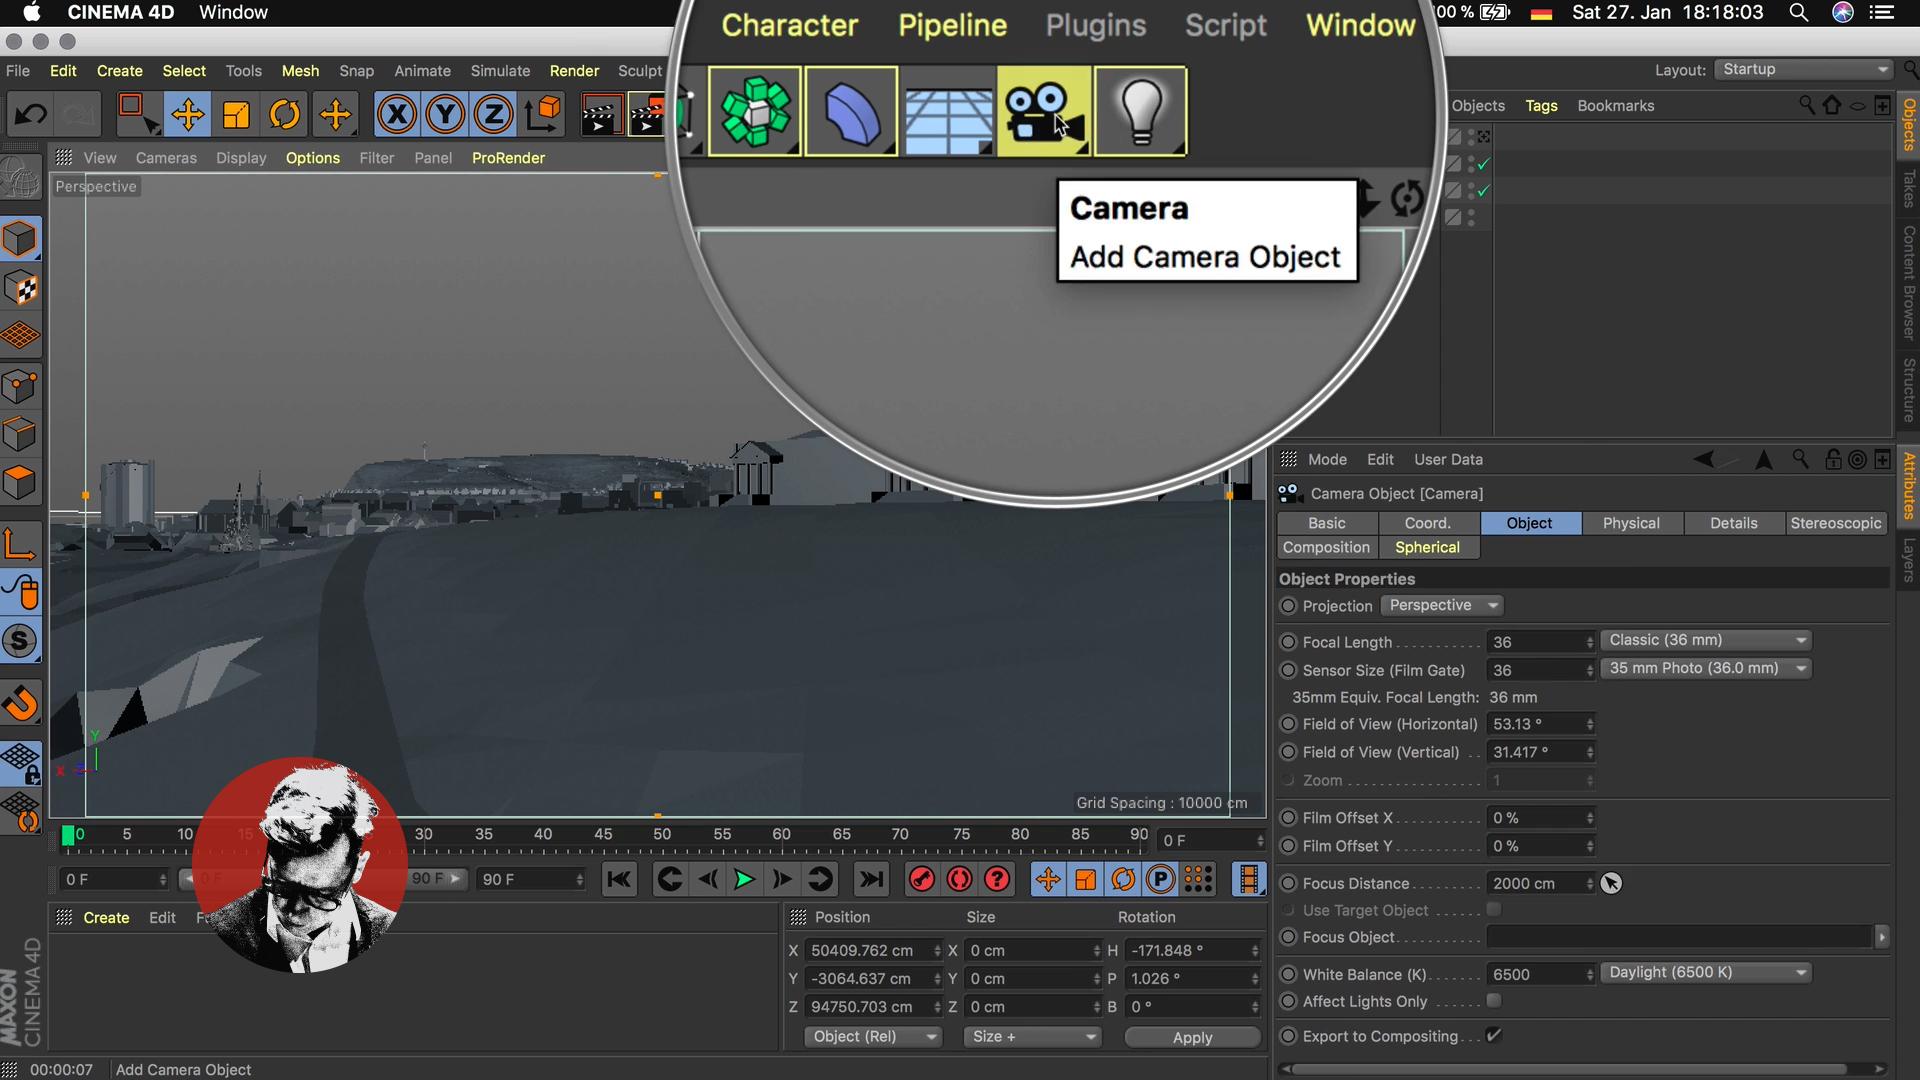 Cinema4D 3D-Stadtmodell Kamera platzieren Werkzeug Navigation Viewport Editor